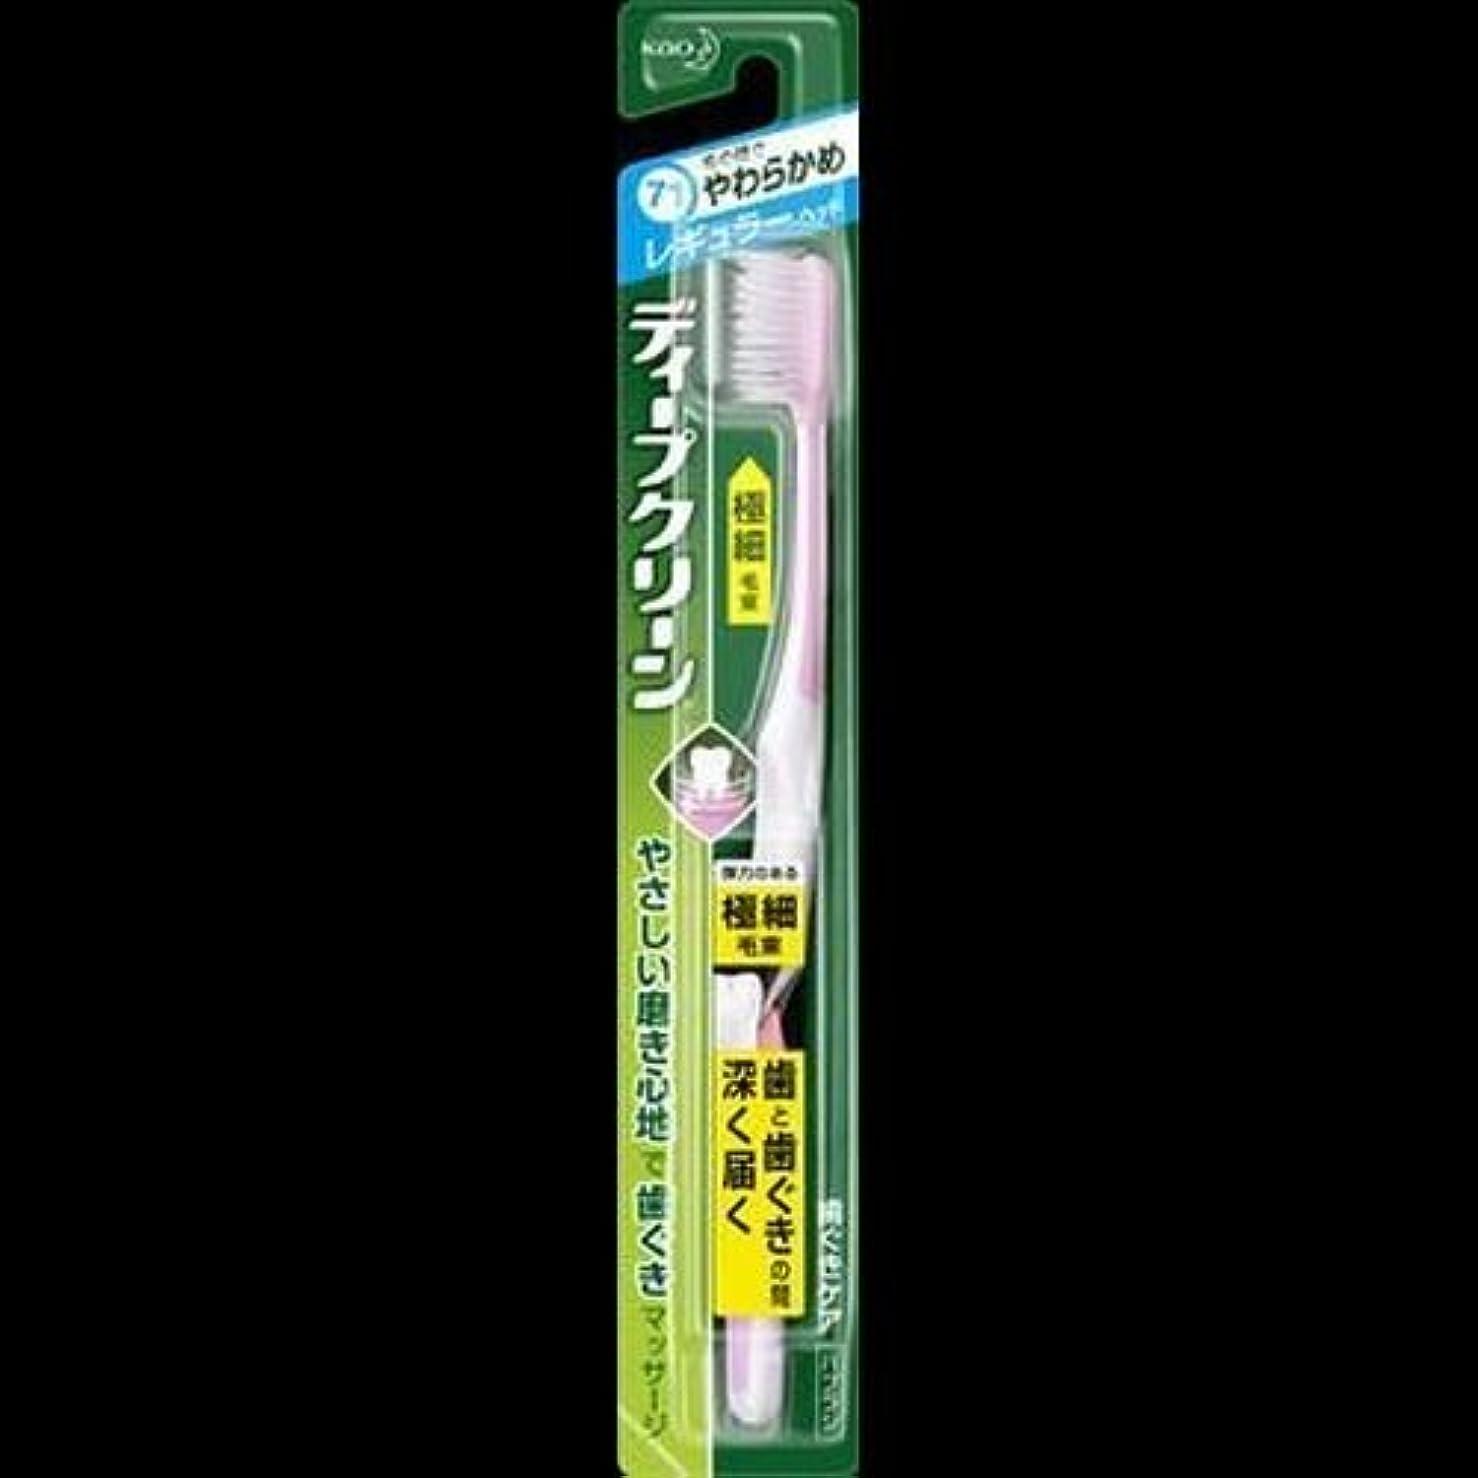 見落とす無限大鉄【まとめ買い】ディープクリーン ハブラシ レギュラー やわらかめ ×2セット